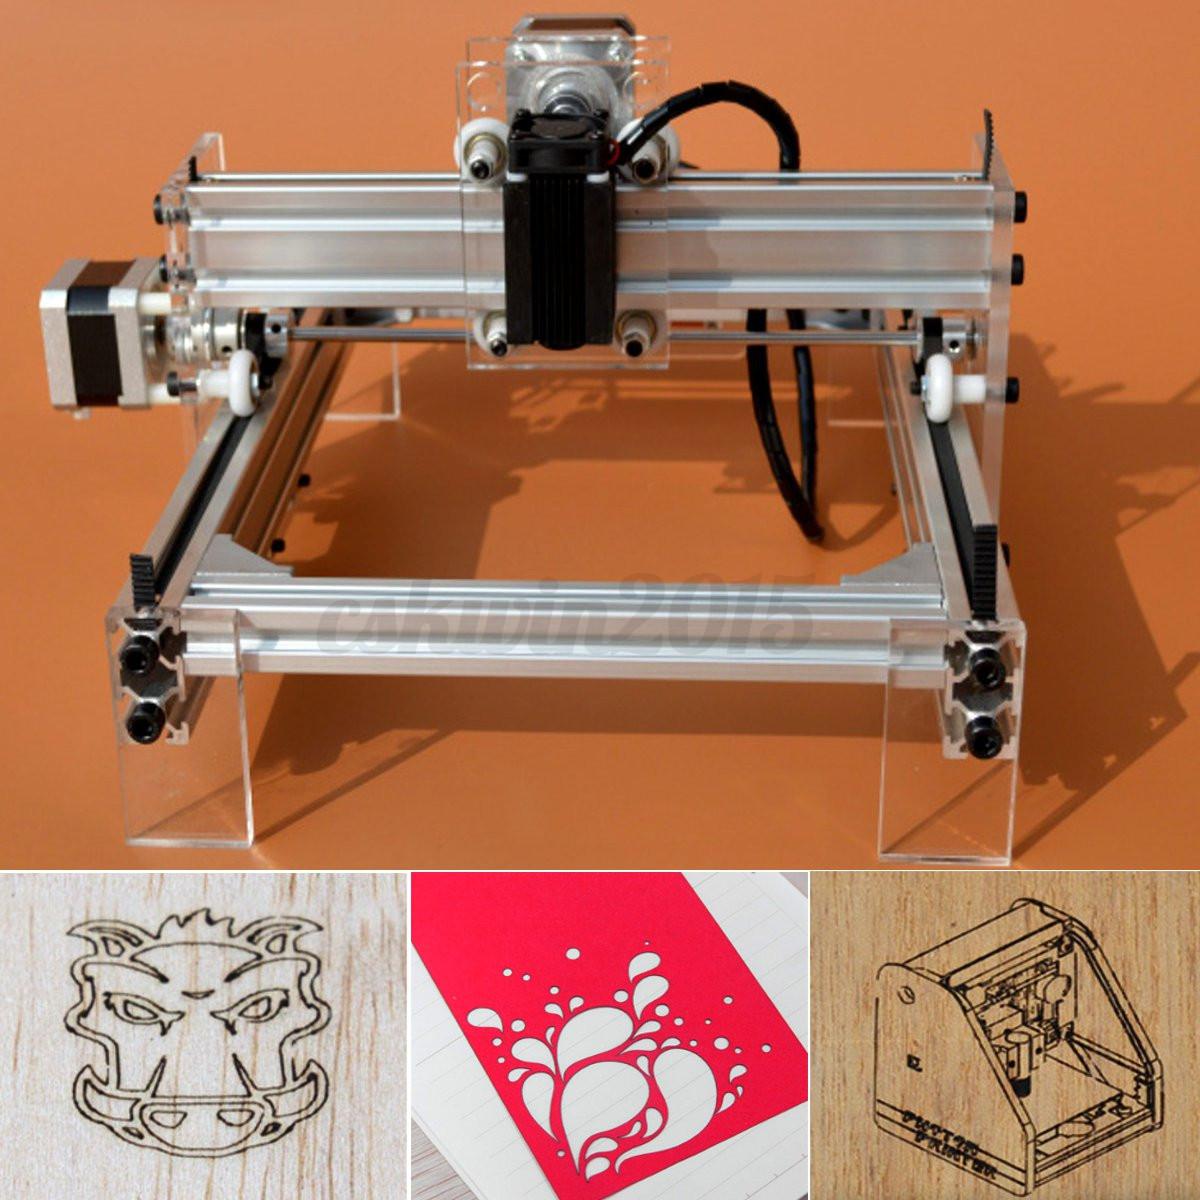 Diy Desktop Mini Laser Cutting Engraving Machine 500mw